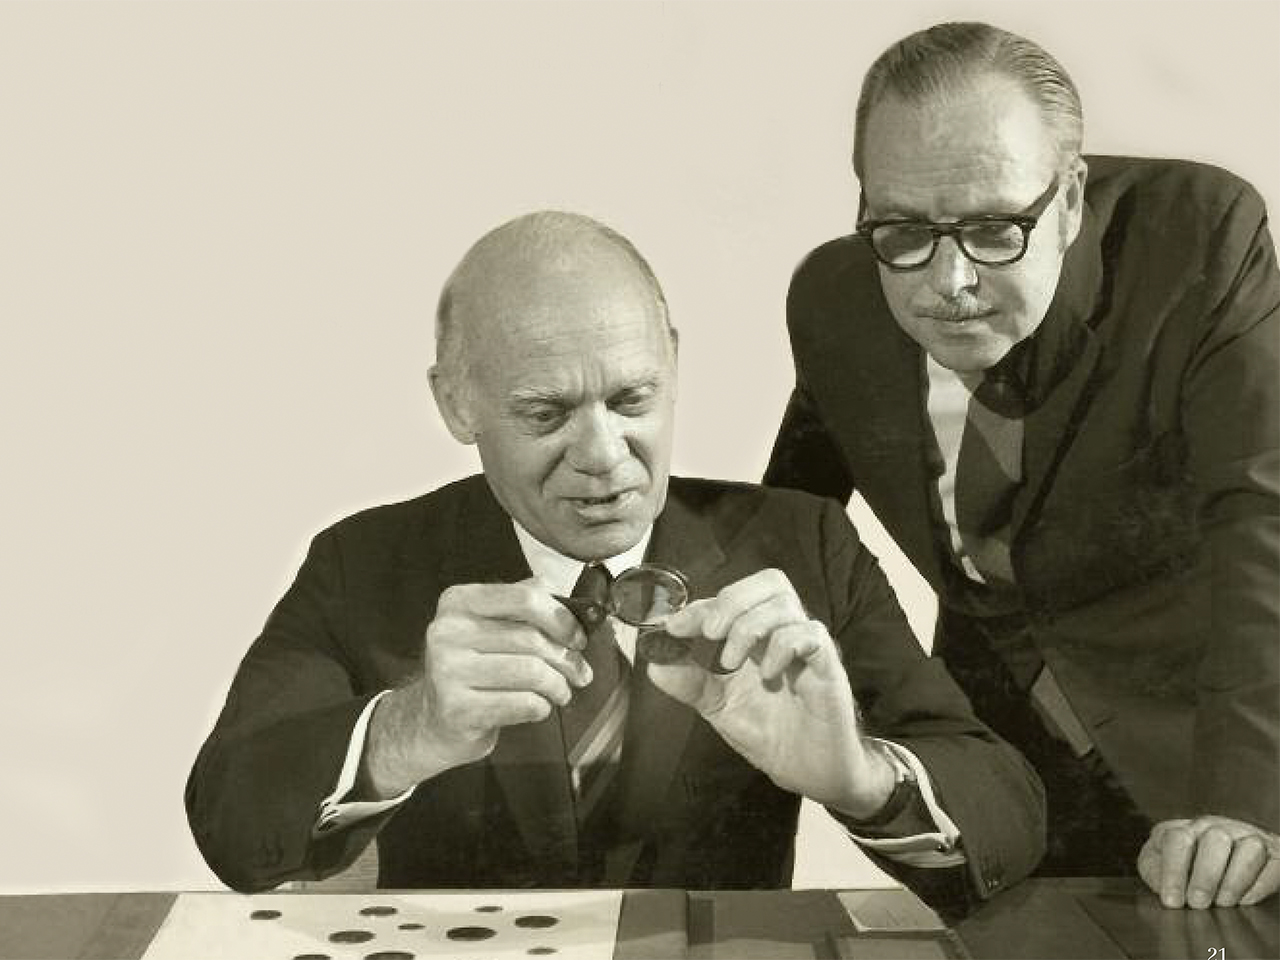 image de deux hommes observant des pièces de monnaie (1960)